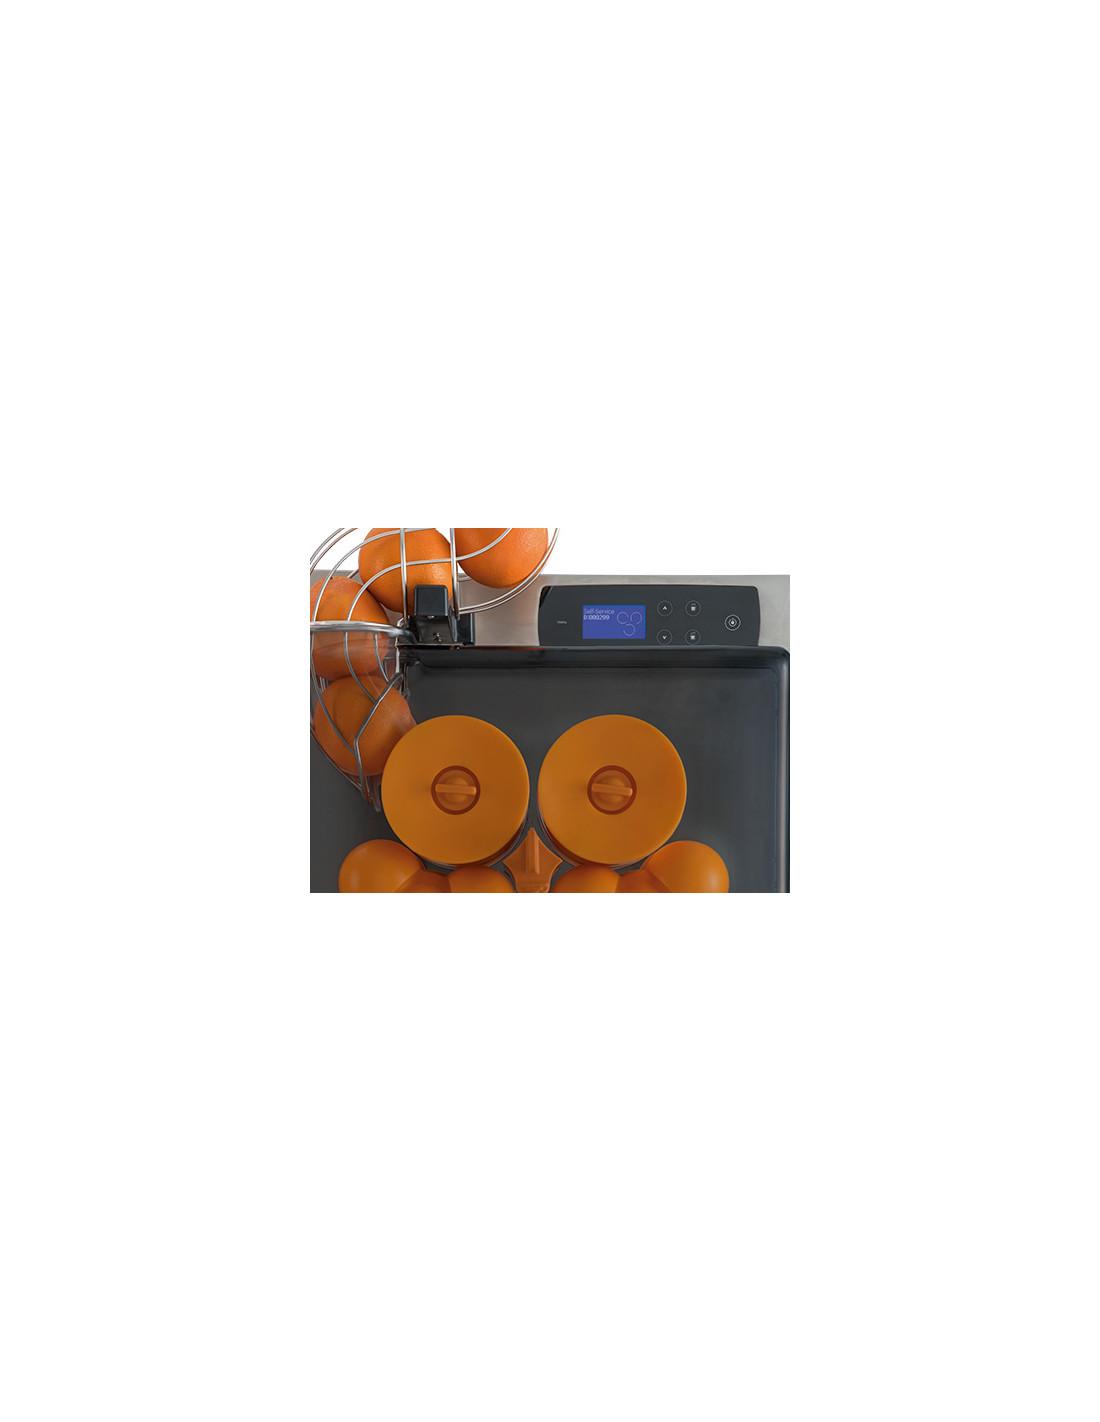 Zumex Essential Pro Citrus Juicer Orange